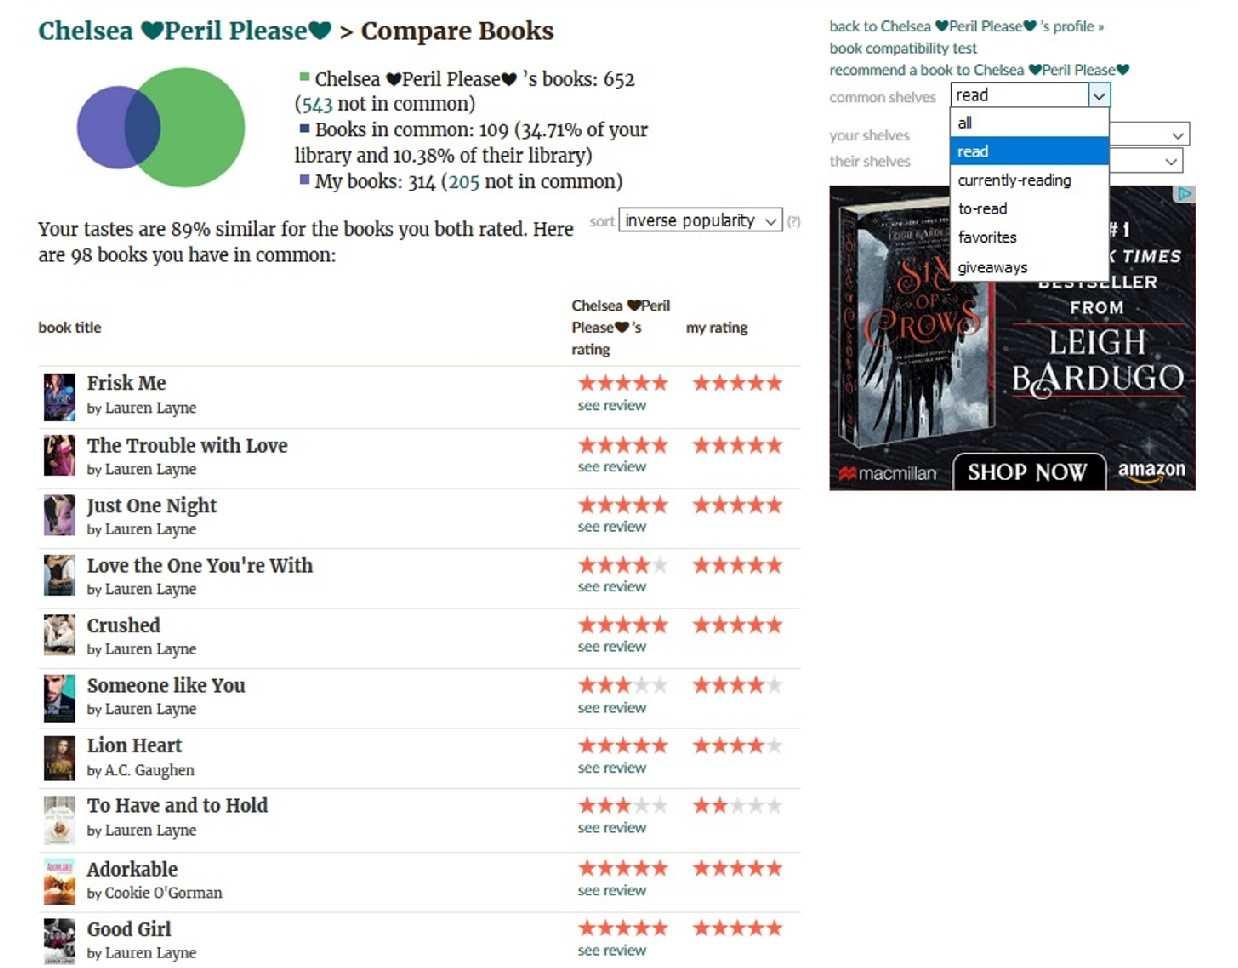 Compare Books